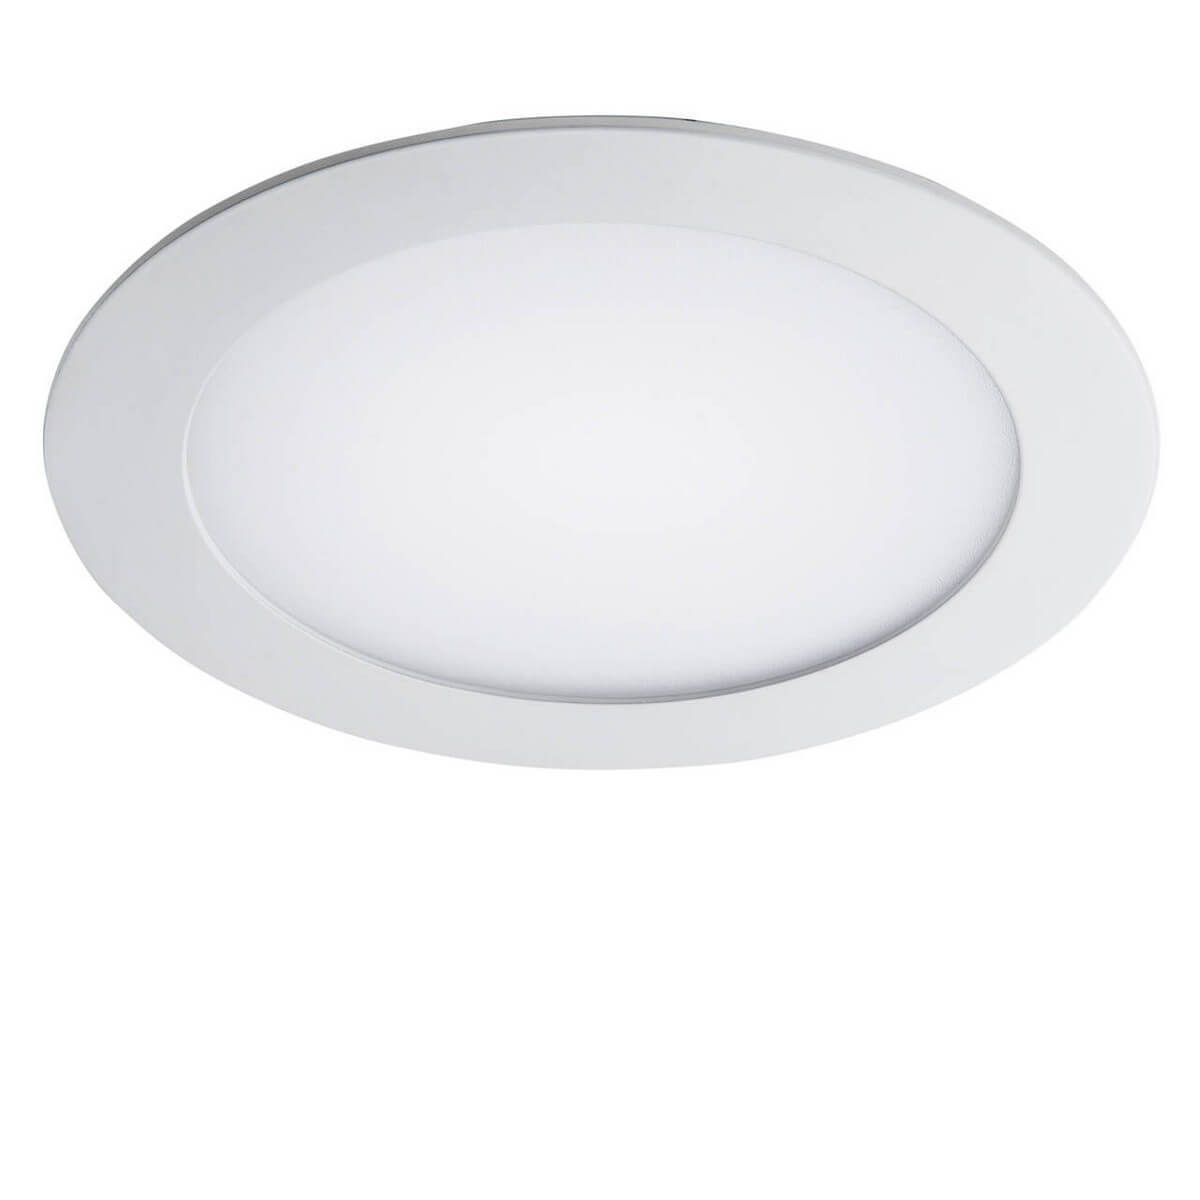 Встраиваемый светильник Lightstar Zocco LED 223124 lightstar встраиваемый светильник lightstar zocco led 223124